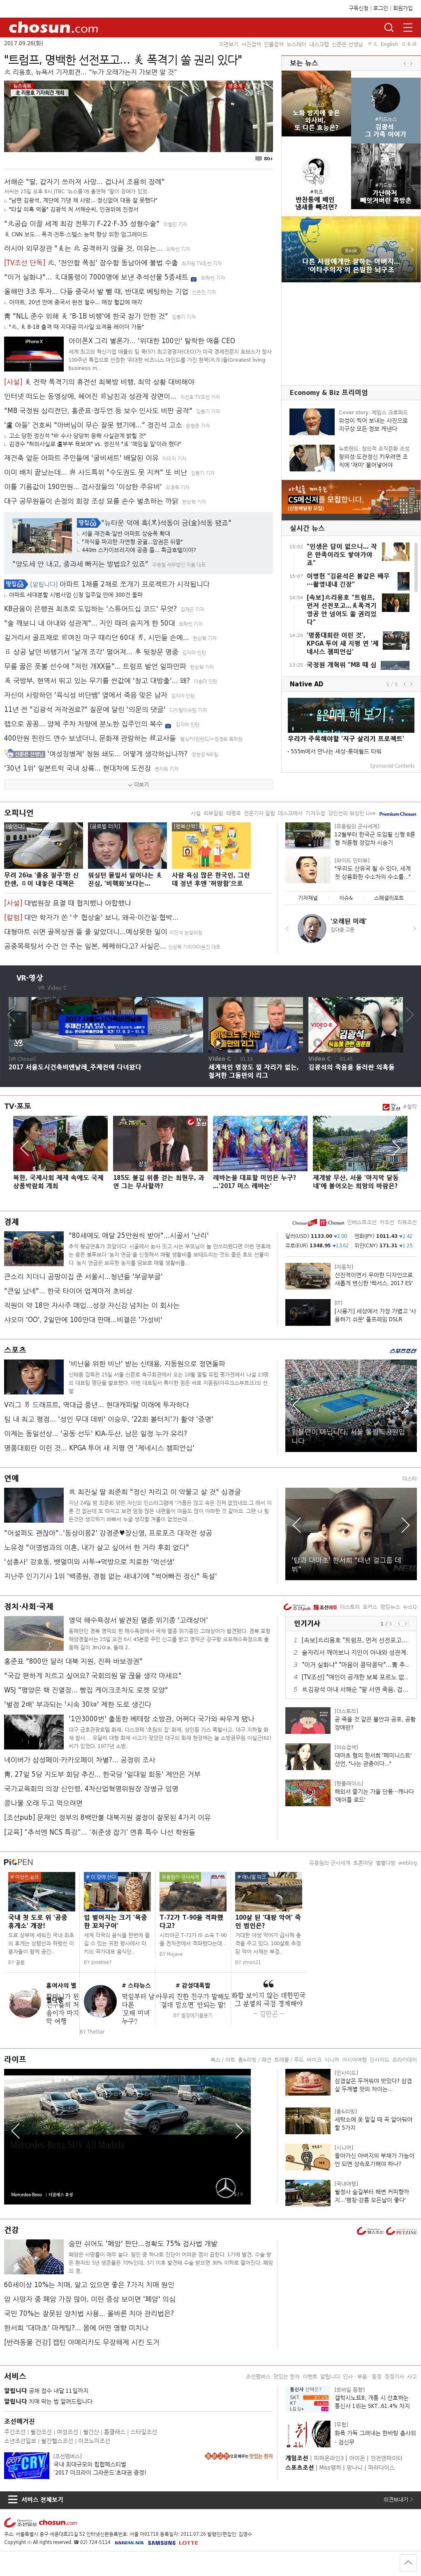 chosun.com at Monday Sept. 25, 2017, 6:02 p.m. UTC